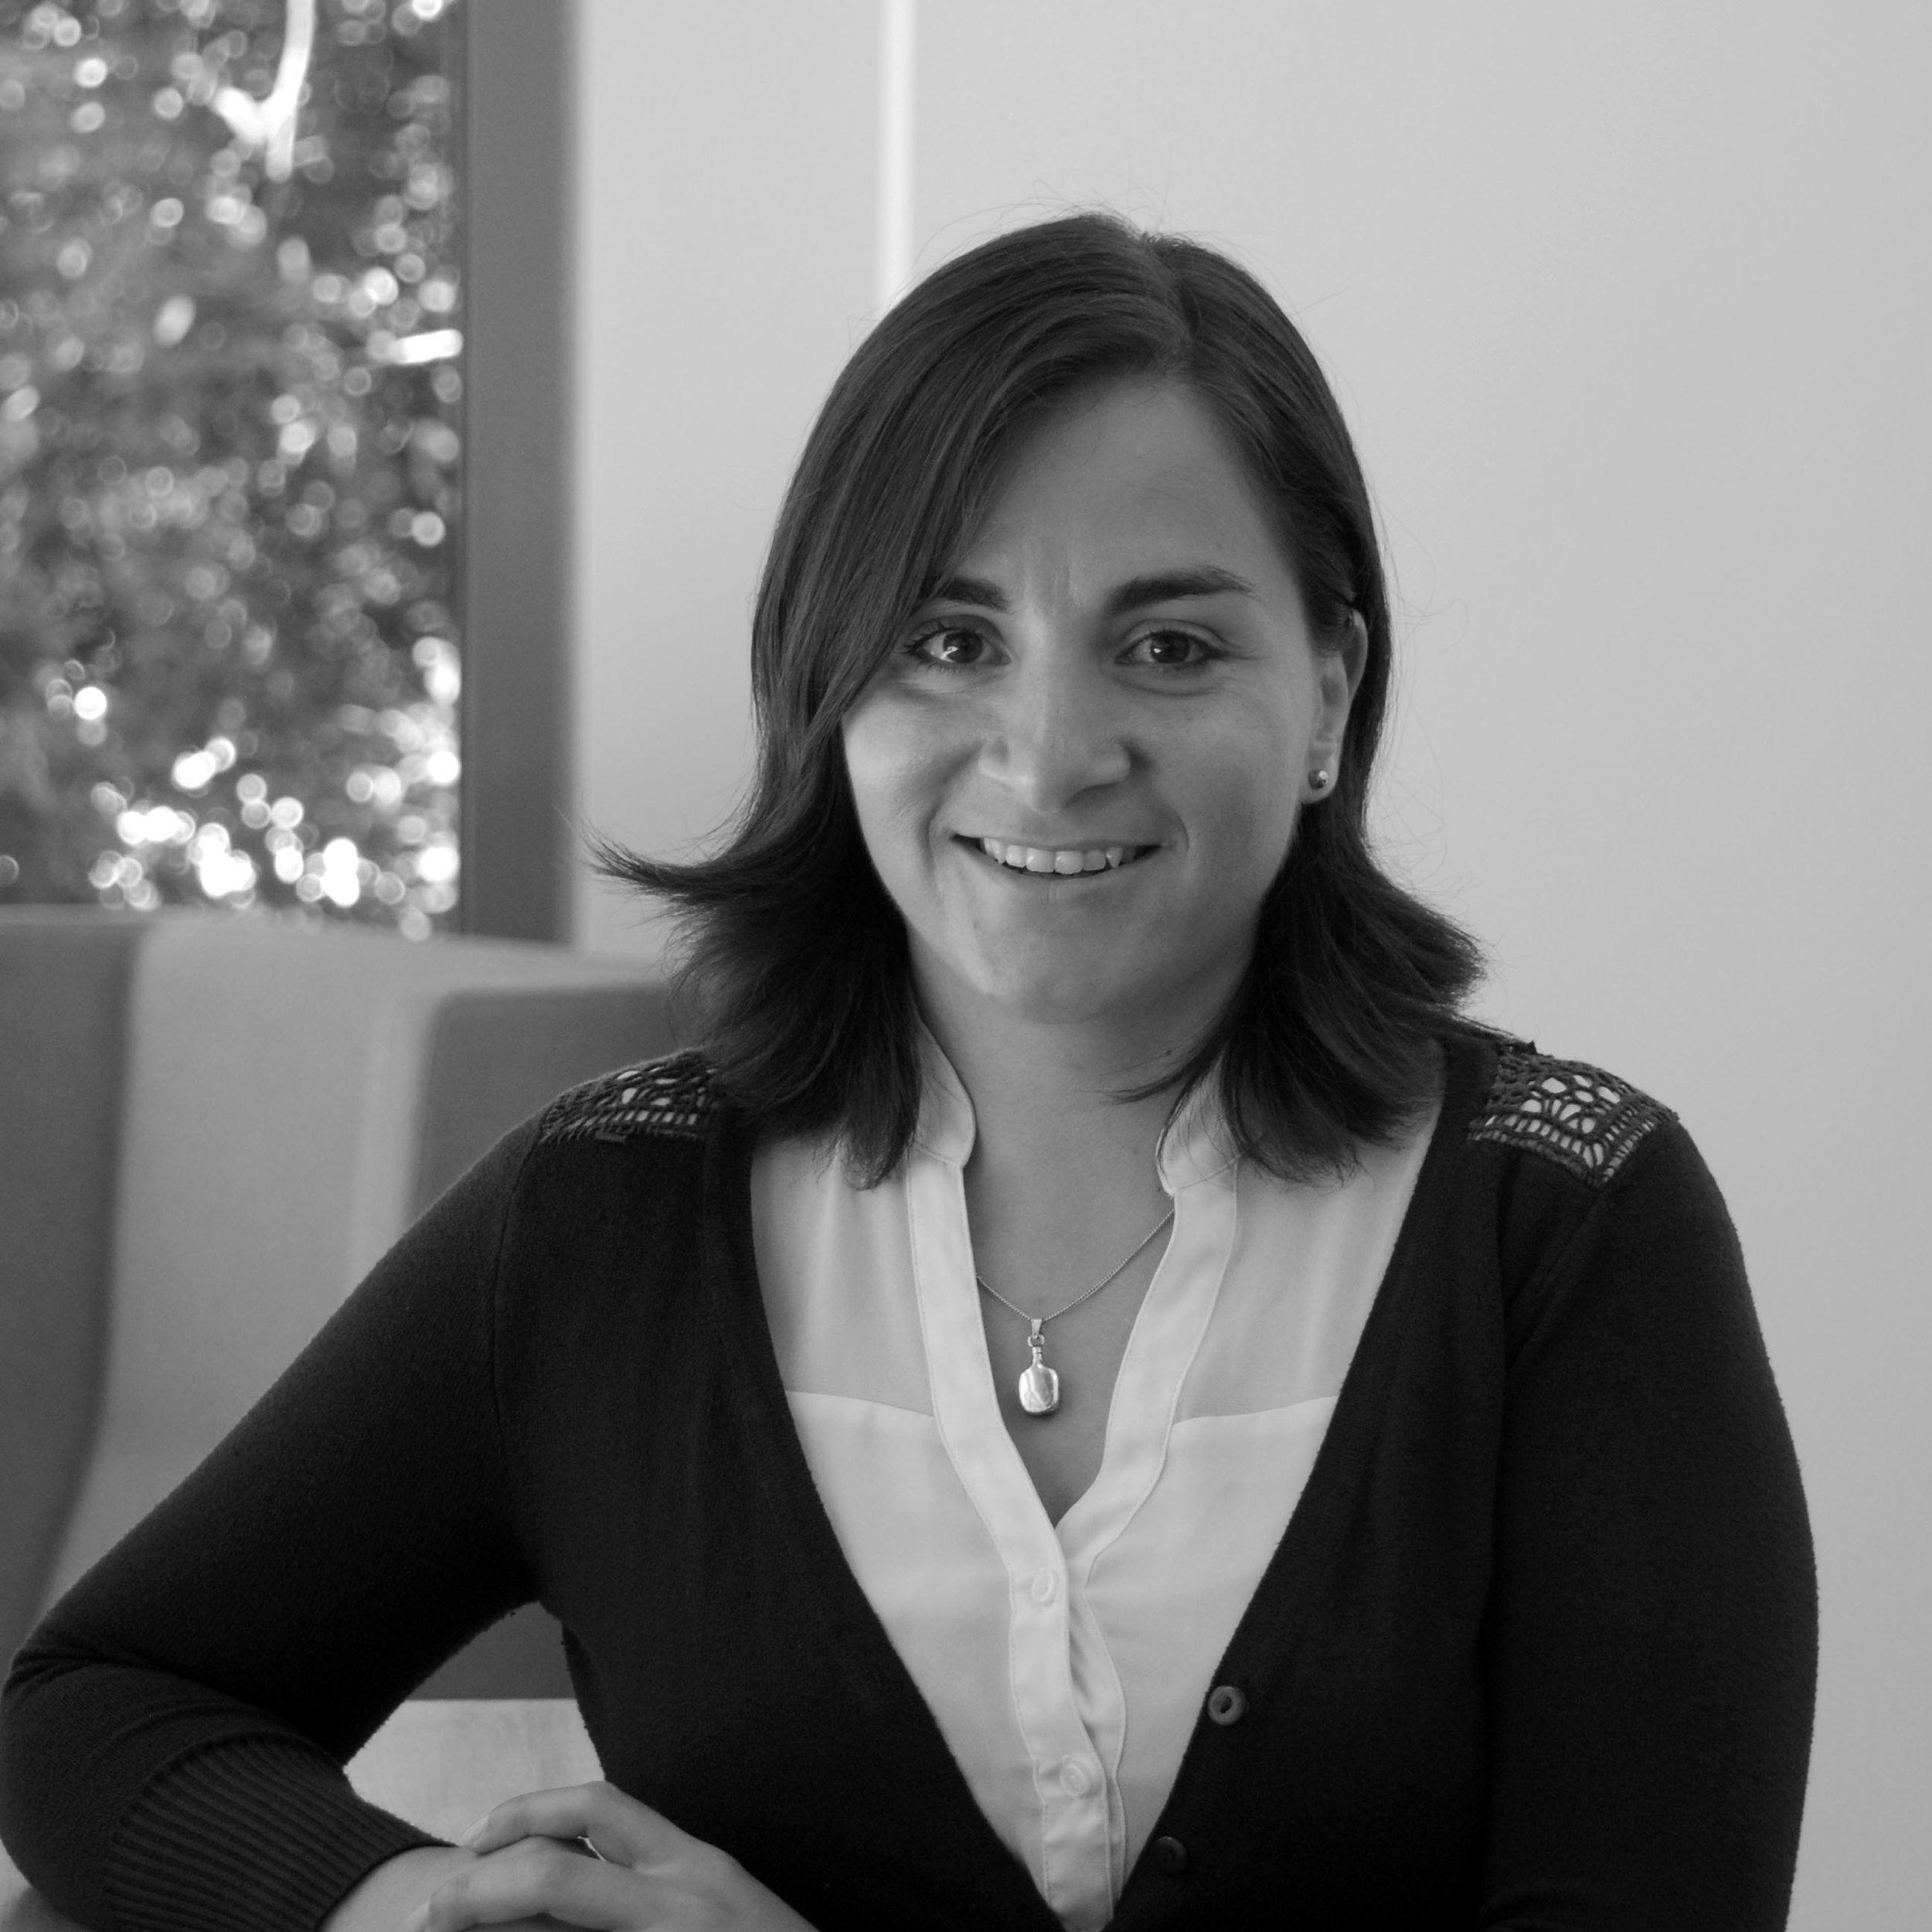 Carmen Cervantes-Echeverria